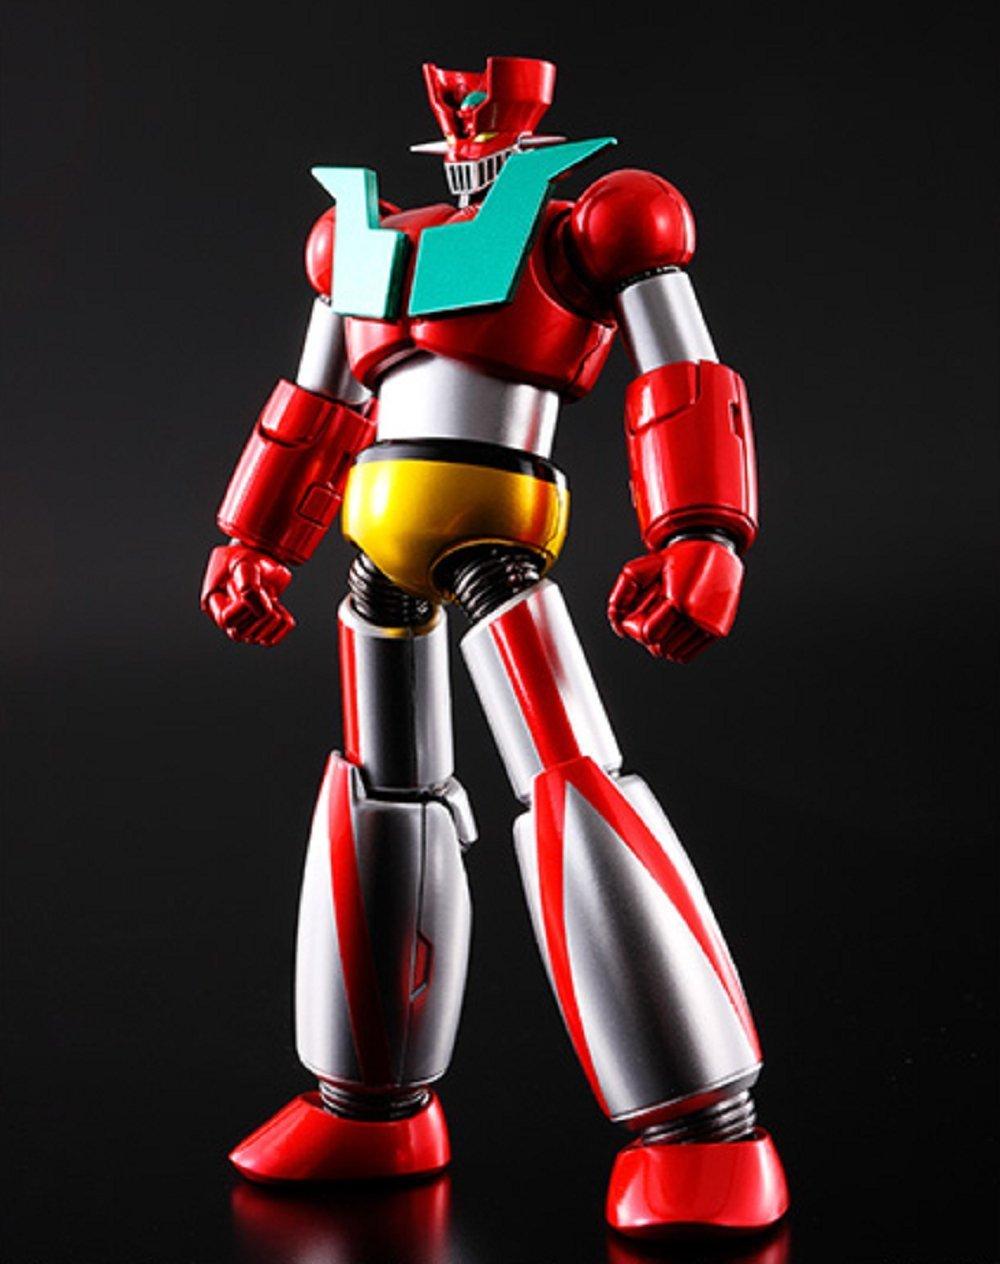 スーパーロボット超合金 マジンガーZ ゲッターロボカラー B00KQYJP7O